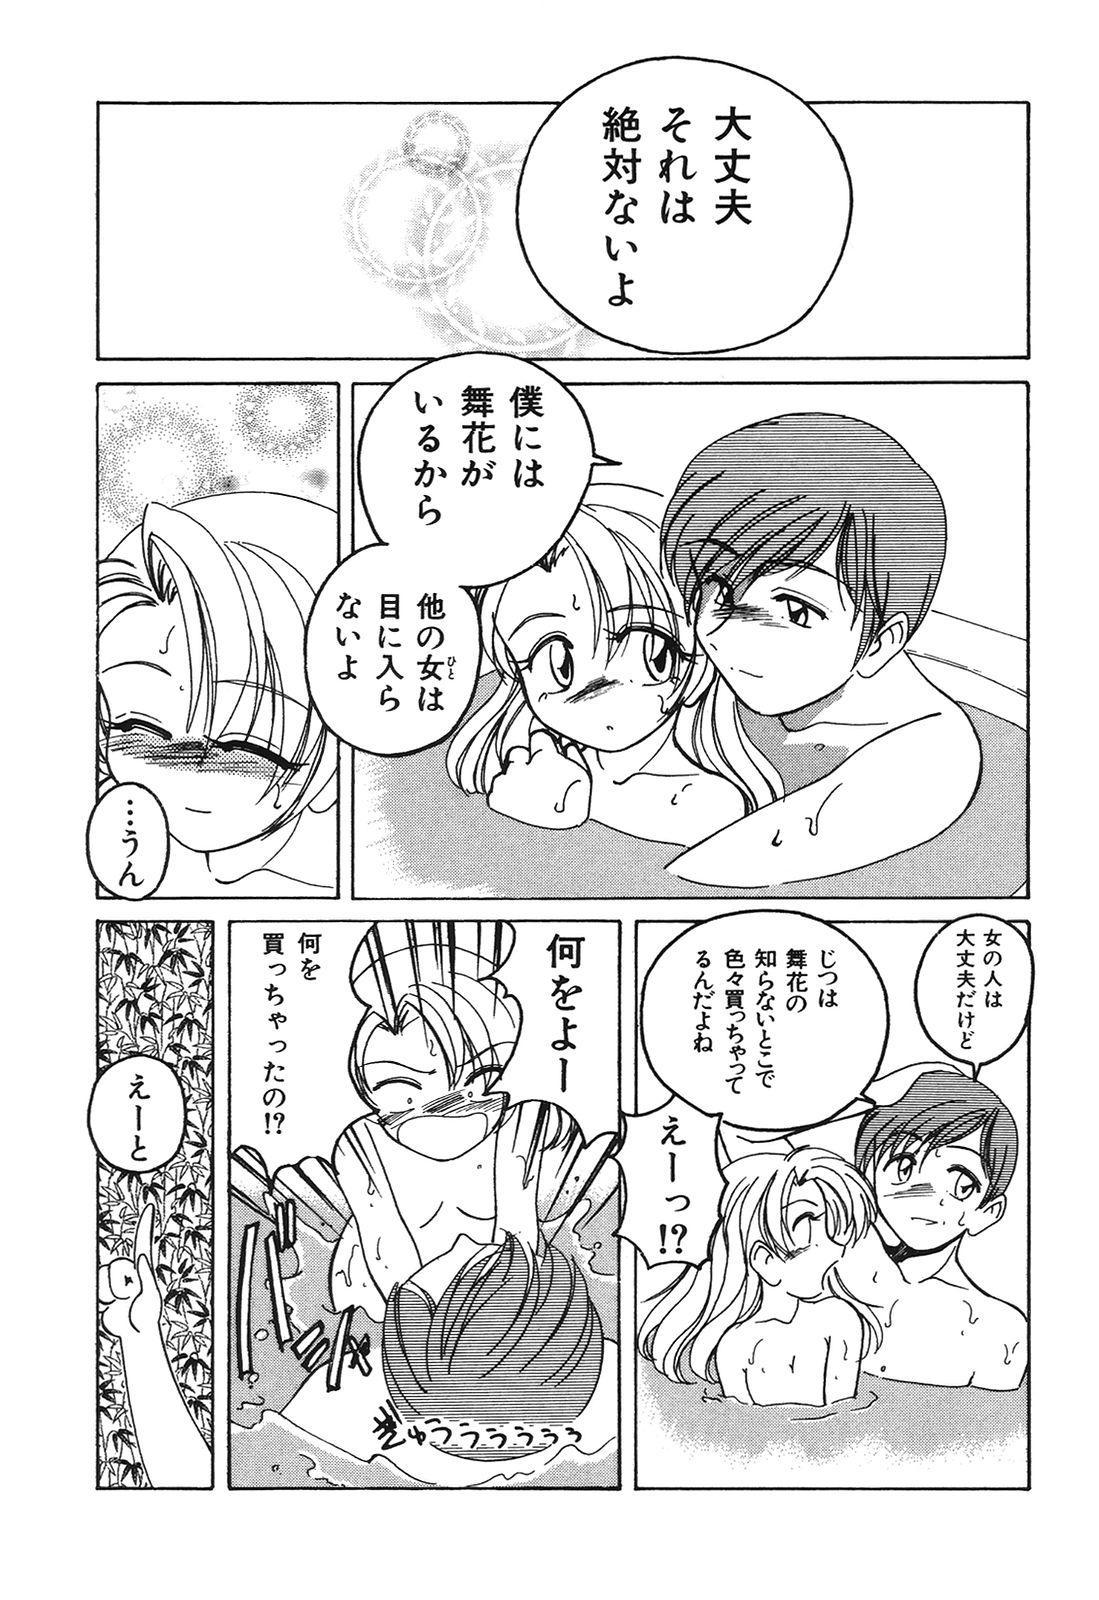 Omake No Musume 67